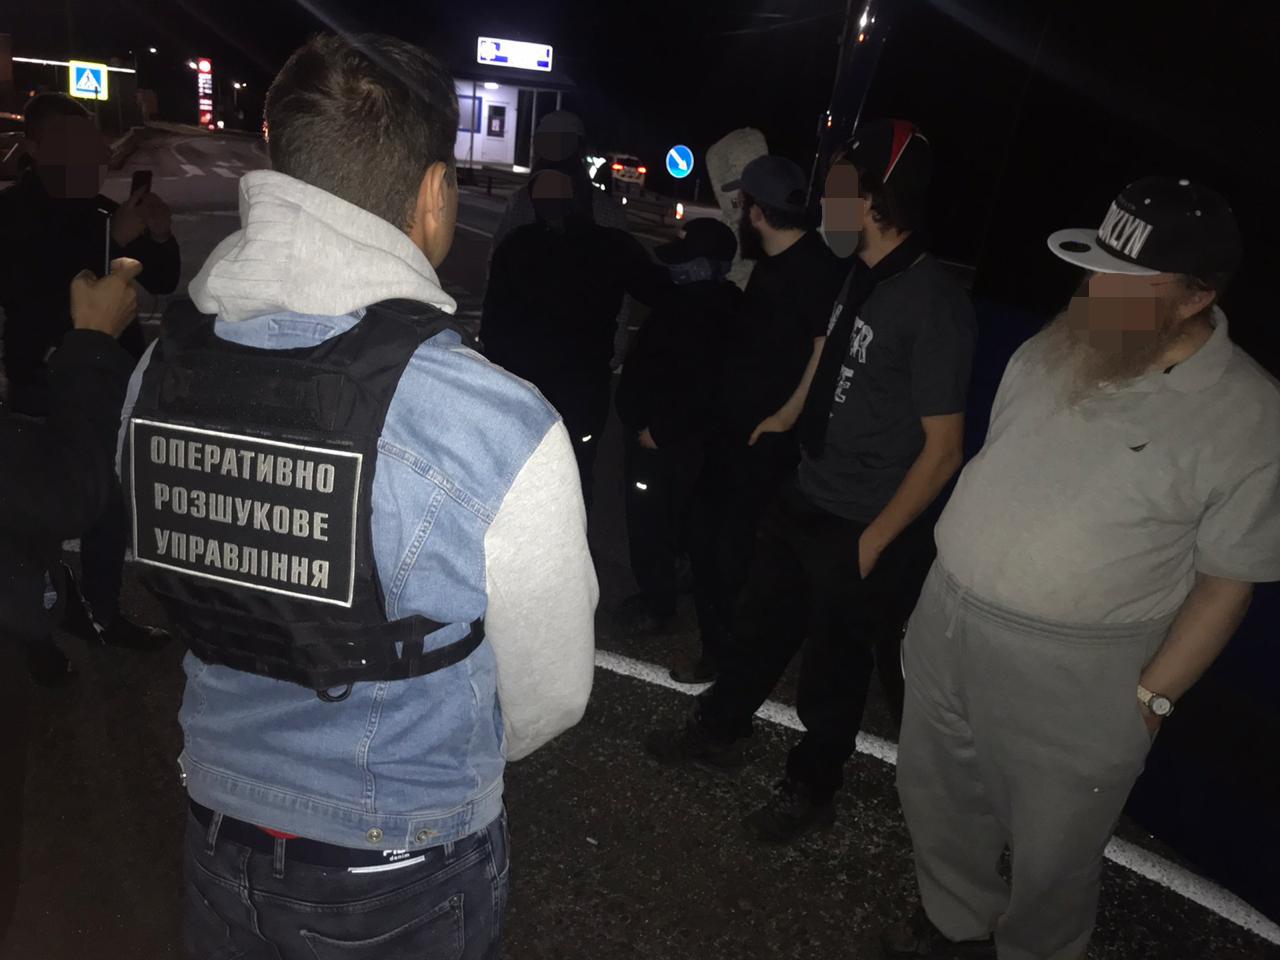 Вночі оперативники Мукачівського прикордонного загону вчасно викрили спробу незаконного перетину кордону і, організувавши взаємодію з Нацполіцією, невдовзі зупинили транспортний засіб